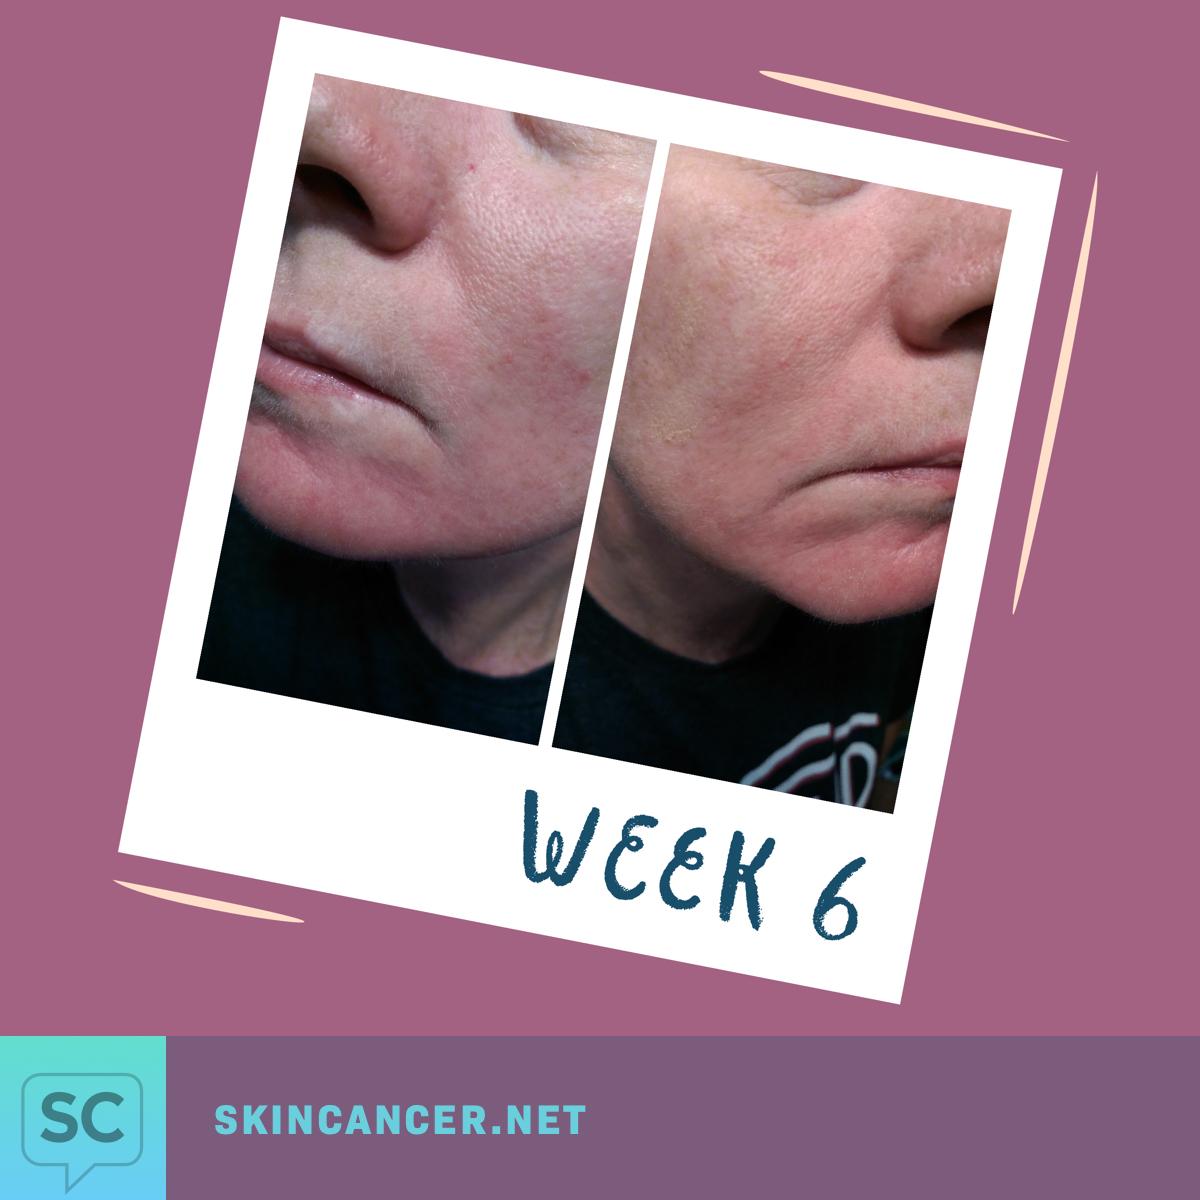 My Journey with Efudex in Photos | SkinCancer net